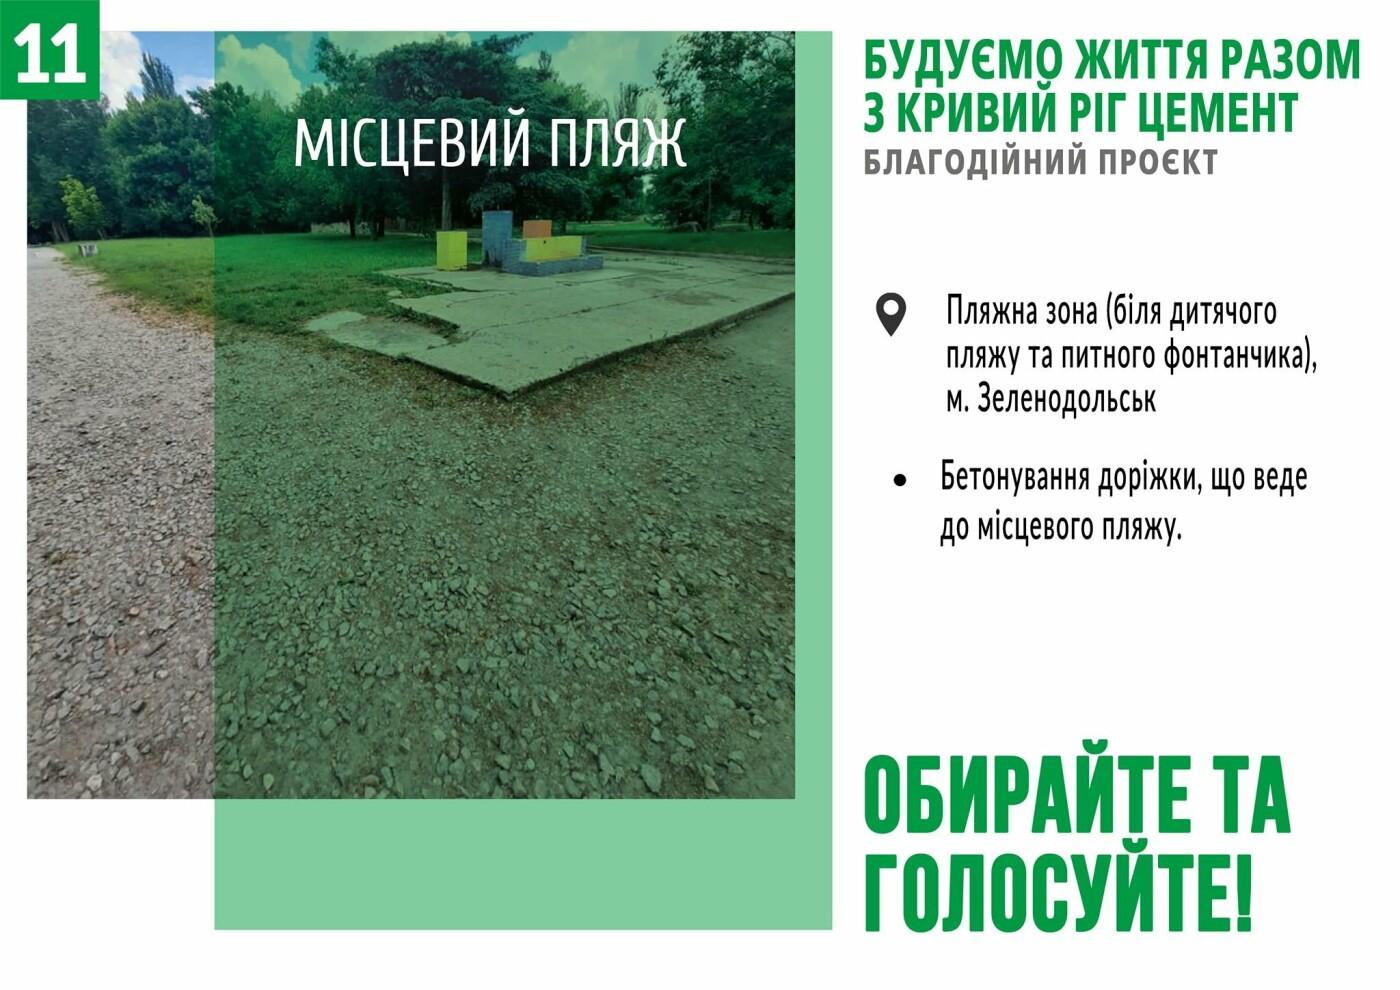 Начато голосование за объекты в рамках благотворительного проекта от компании «Кривой Рог Цемент», фото-11